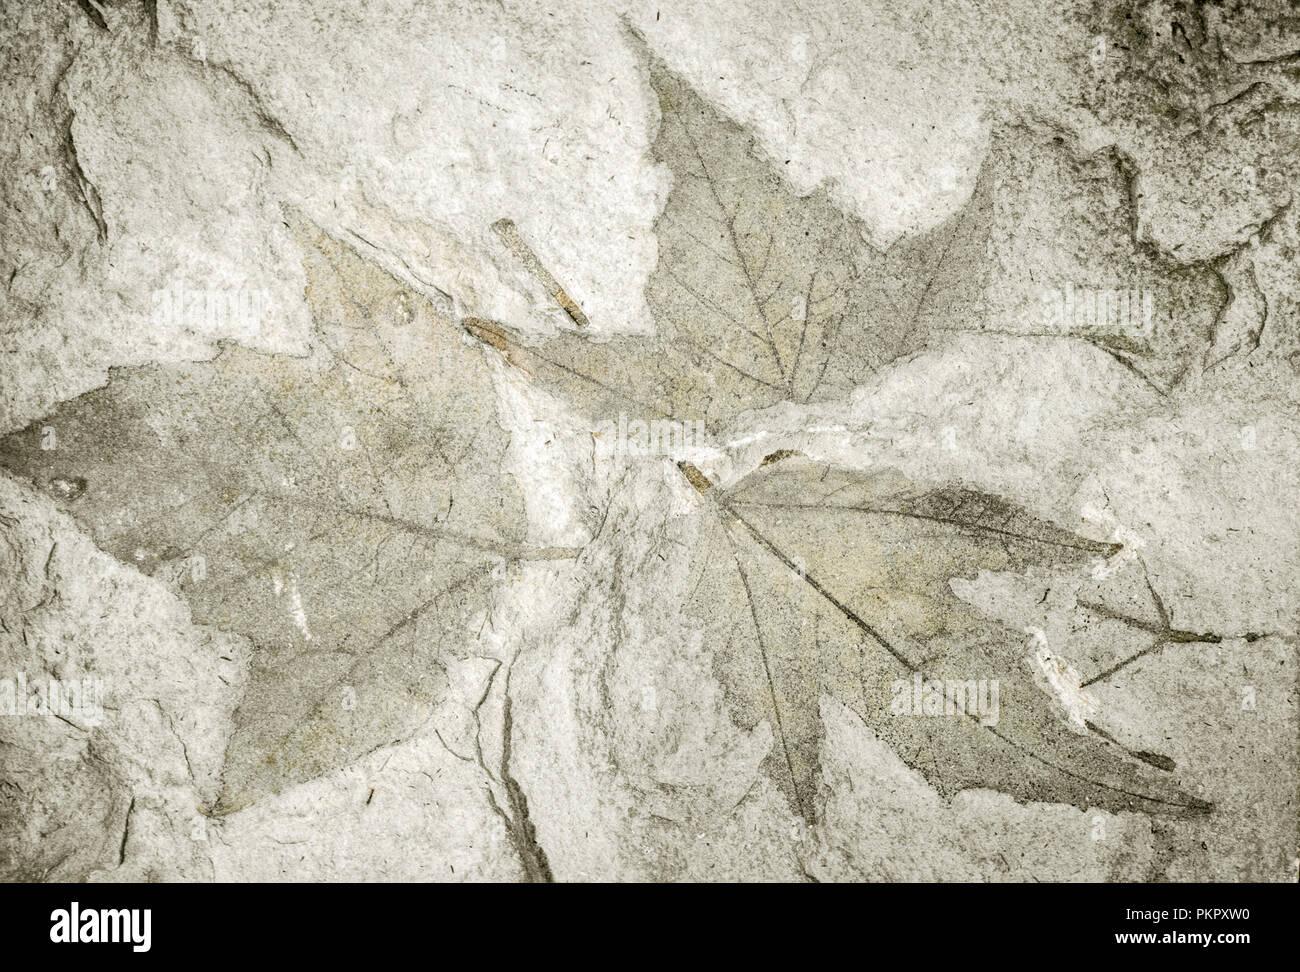 Fossilized Maple Leaves (Acer trilobatum), Miocene, Dolomite, Switzerland - Stock Image